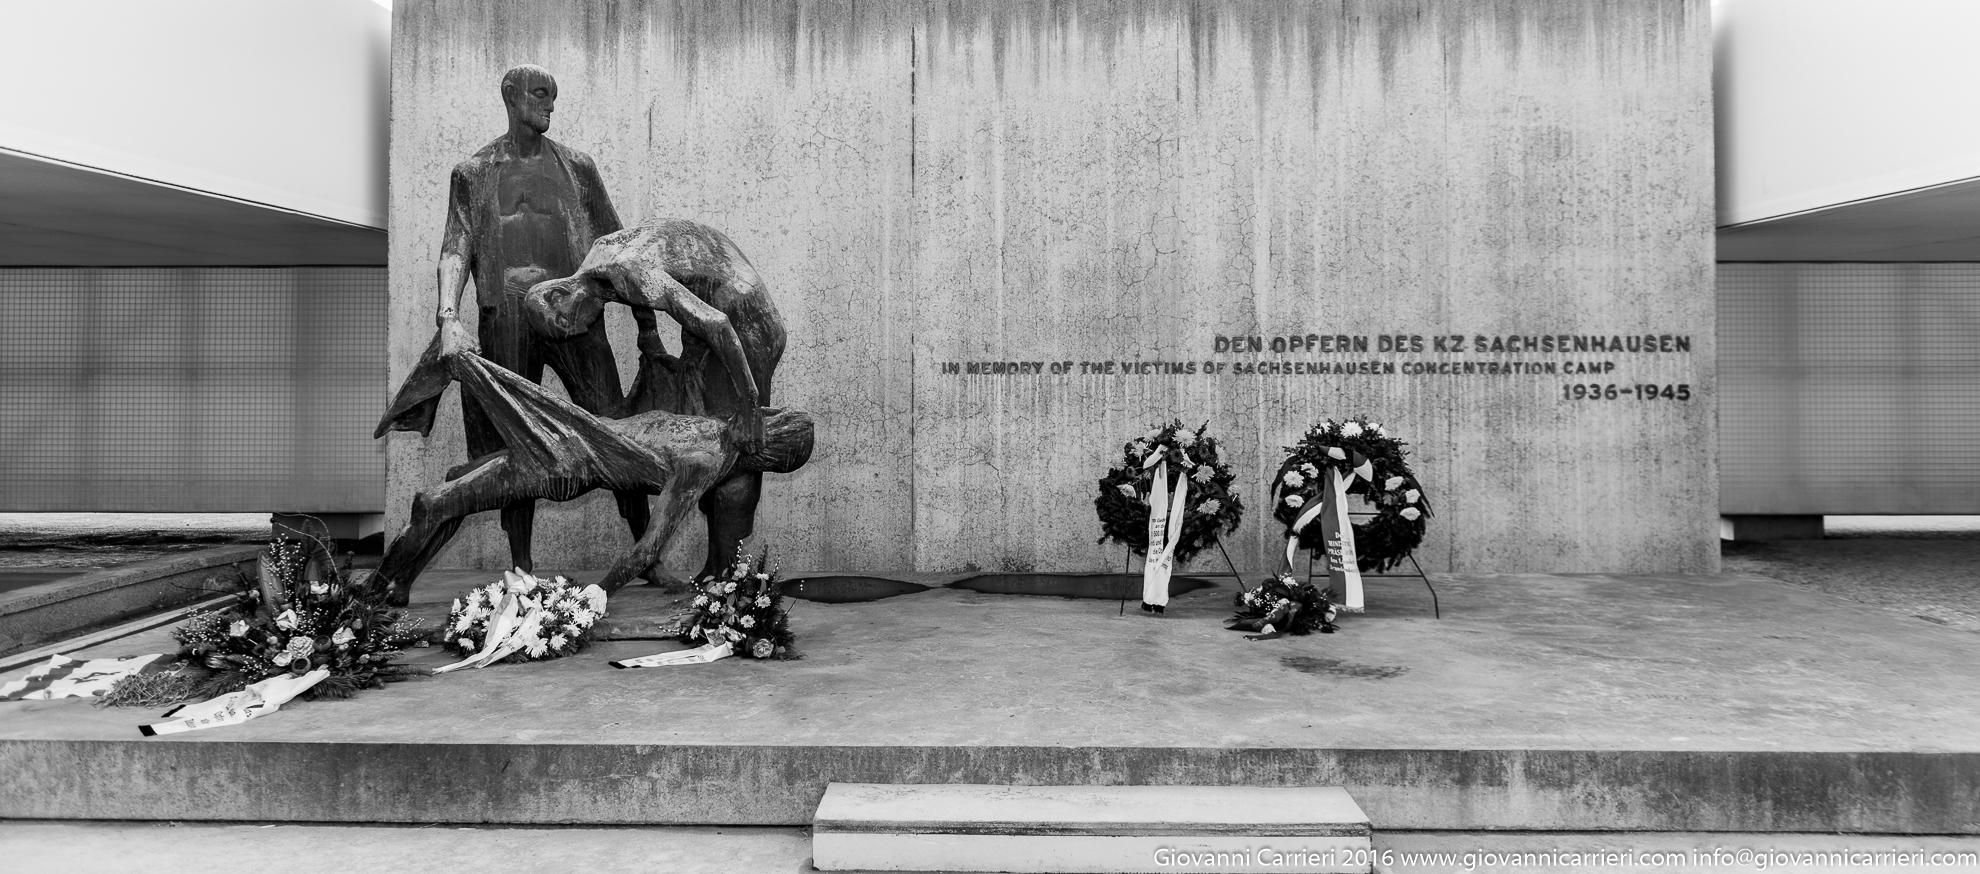 Il memoriale presso le camere a gas